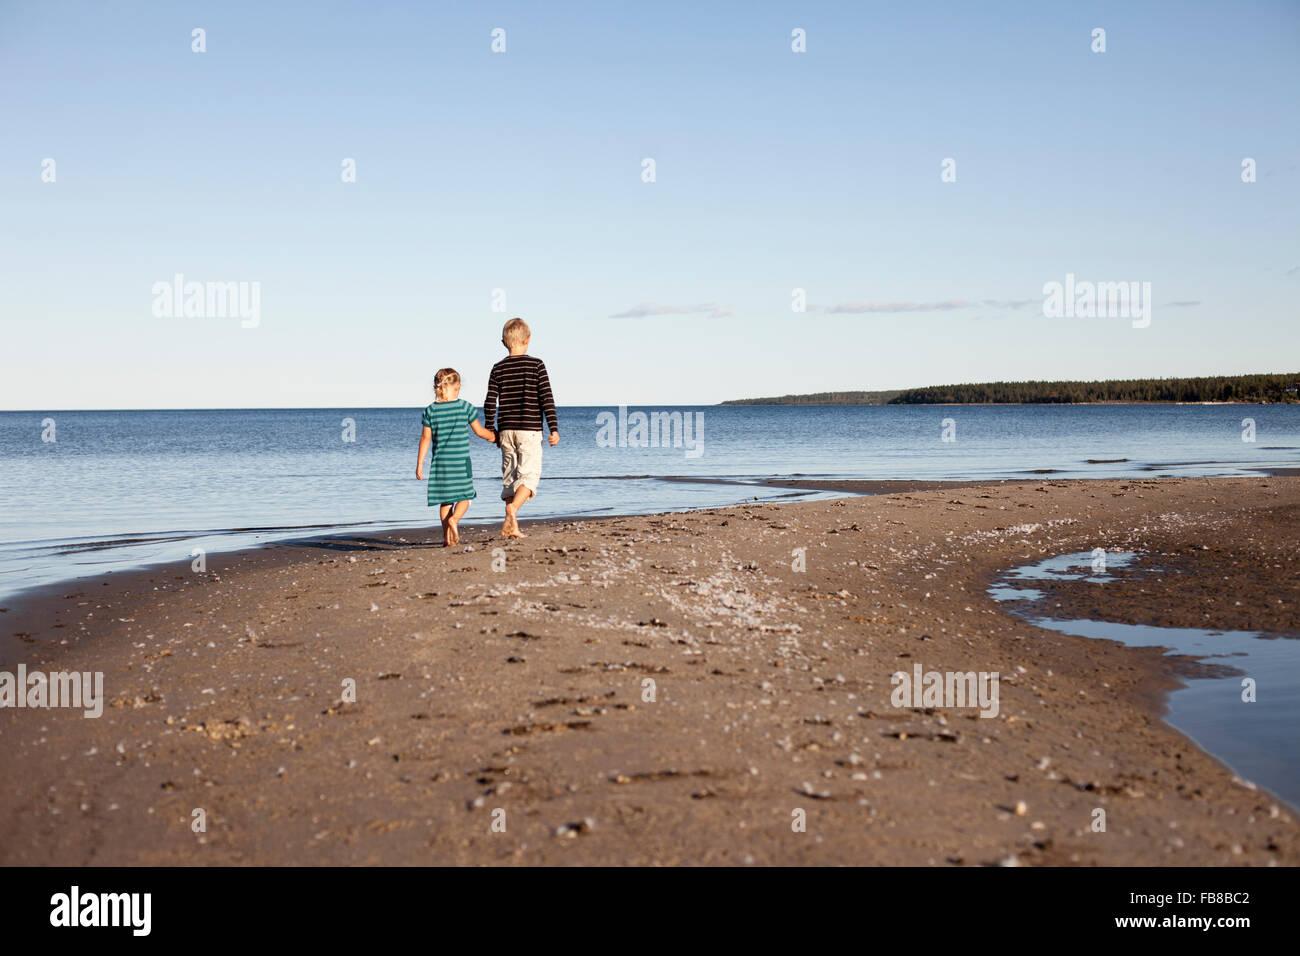 Suecia, Medelpad, Bergafjarden, Hermano (10-11) con su hermana (6-7) caminando a lo largo del litoral báltico Imagen De Stock